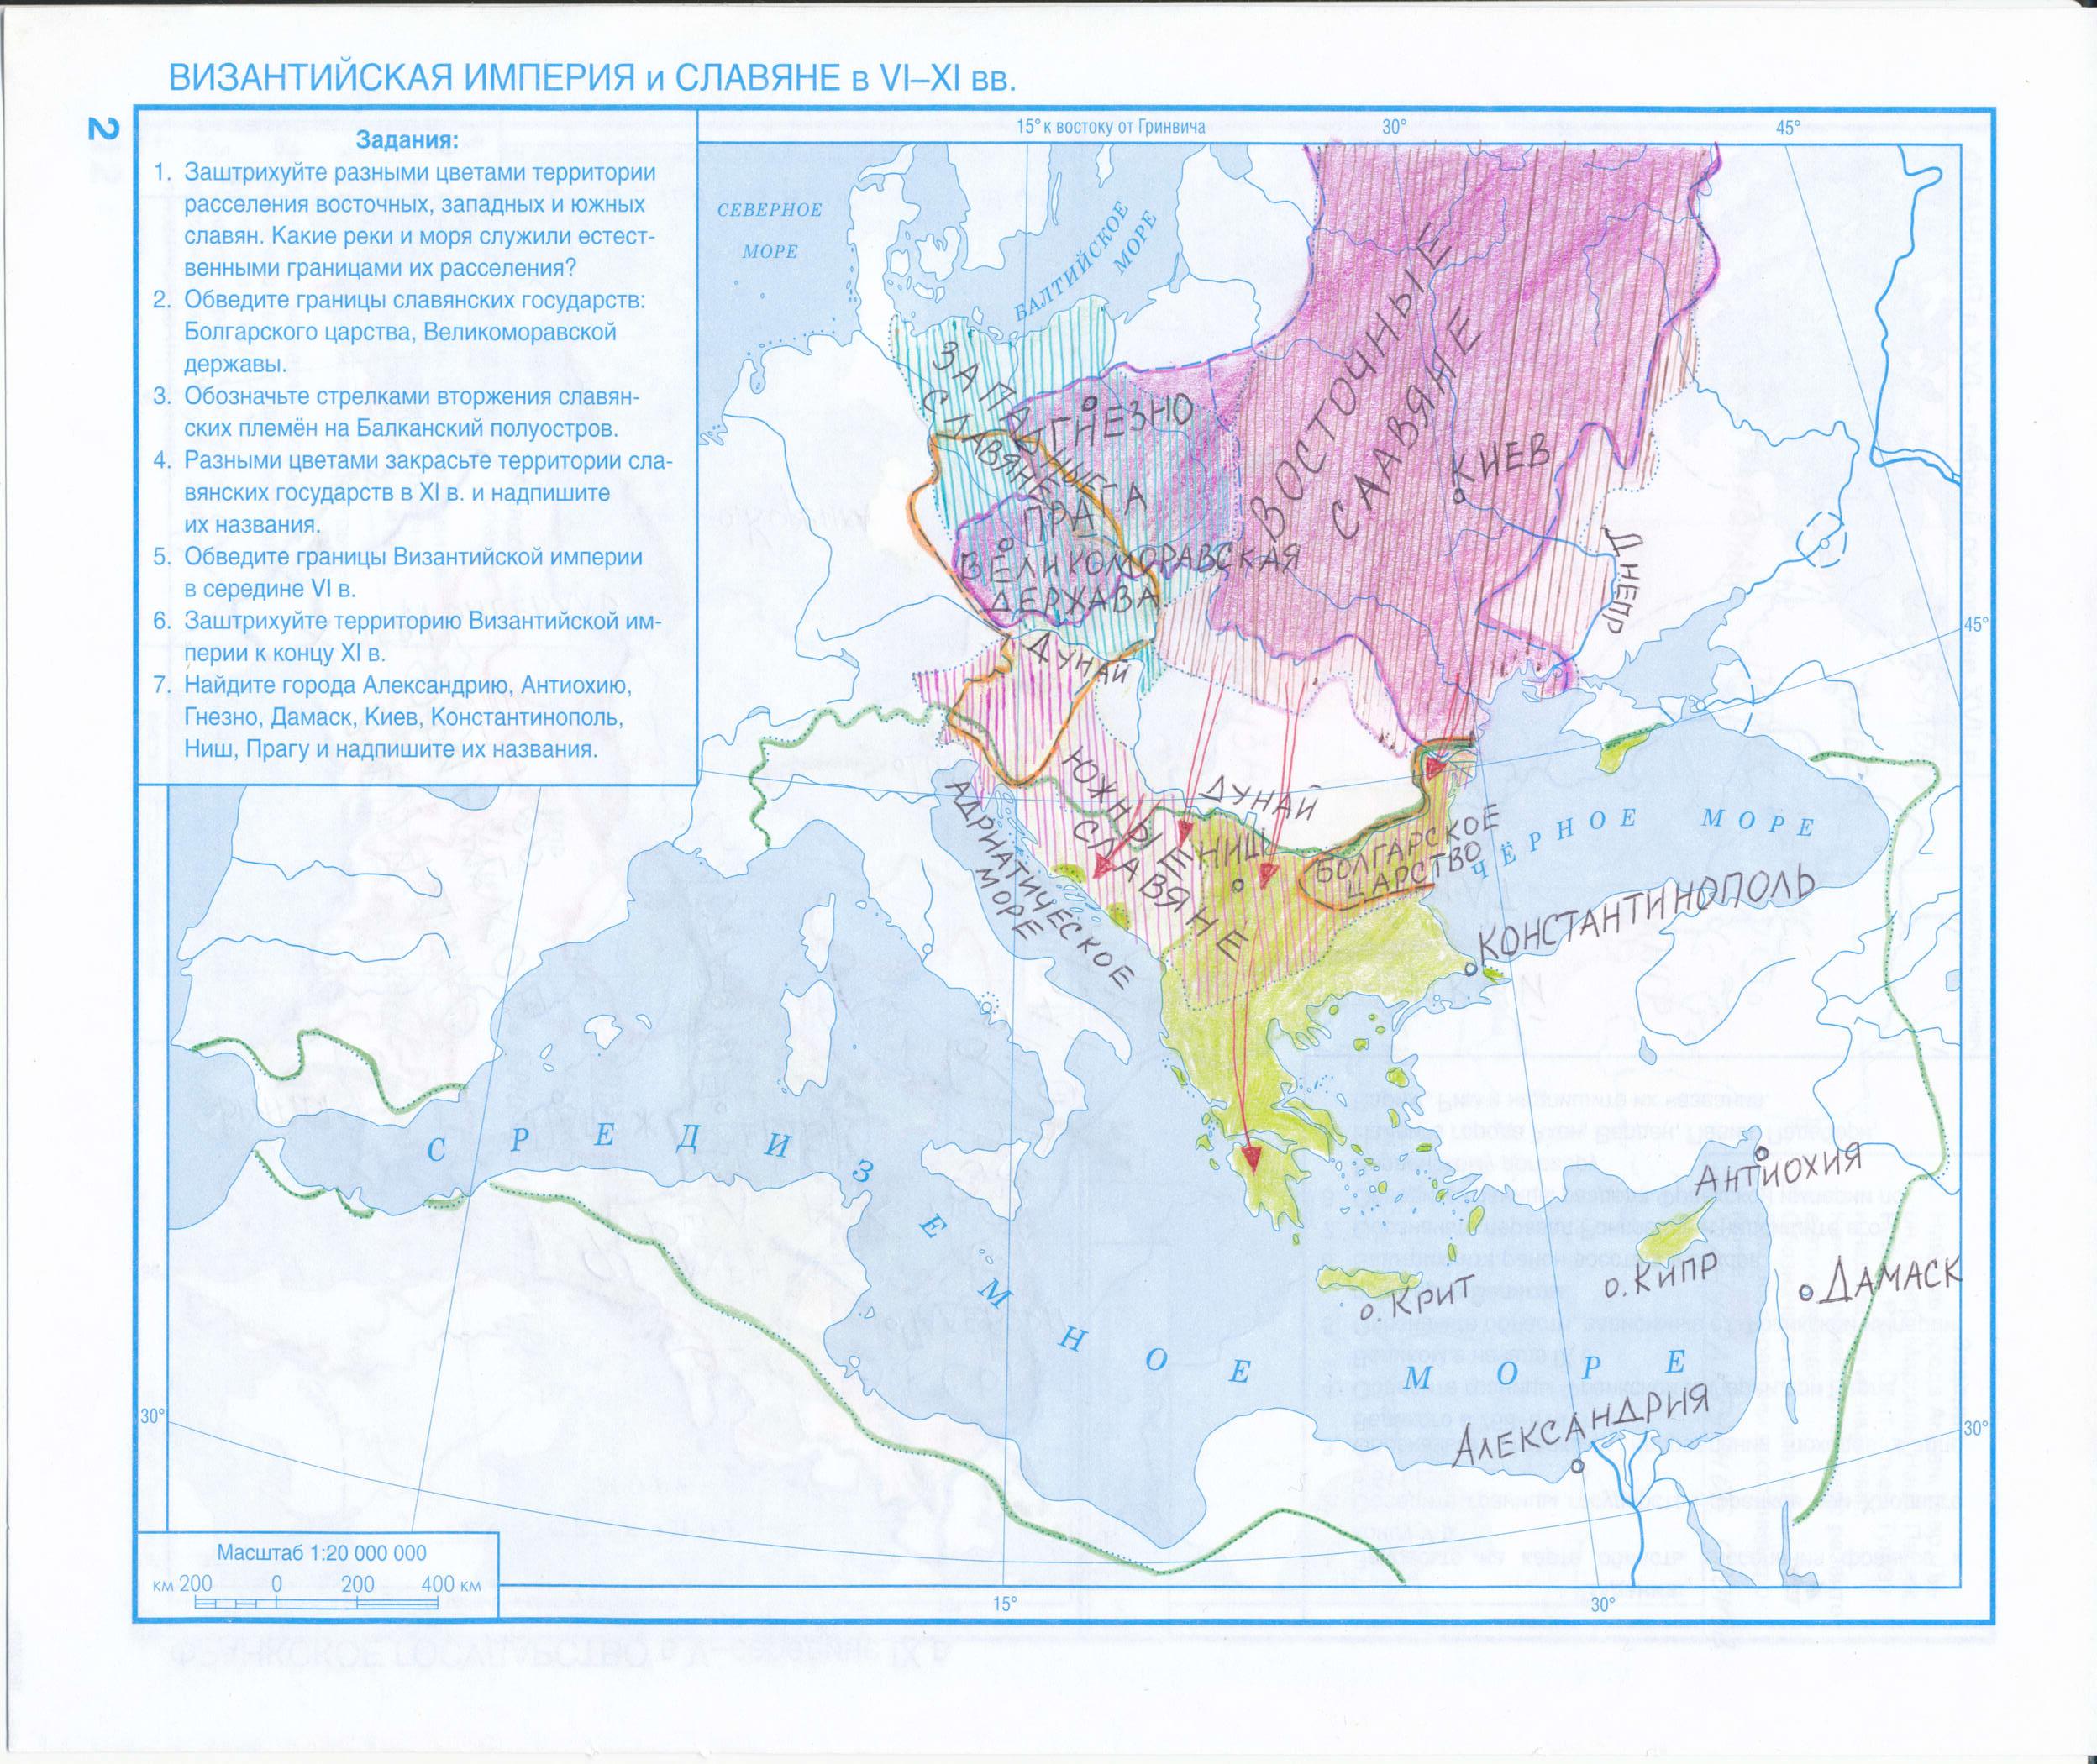 решебник по истории по контурным картам история средних веков фгос